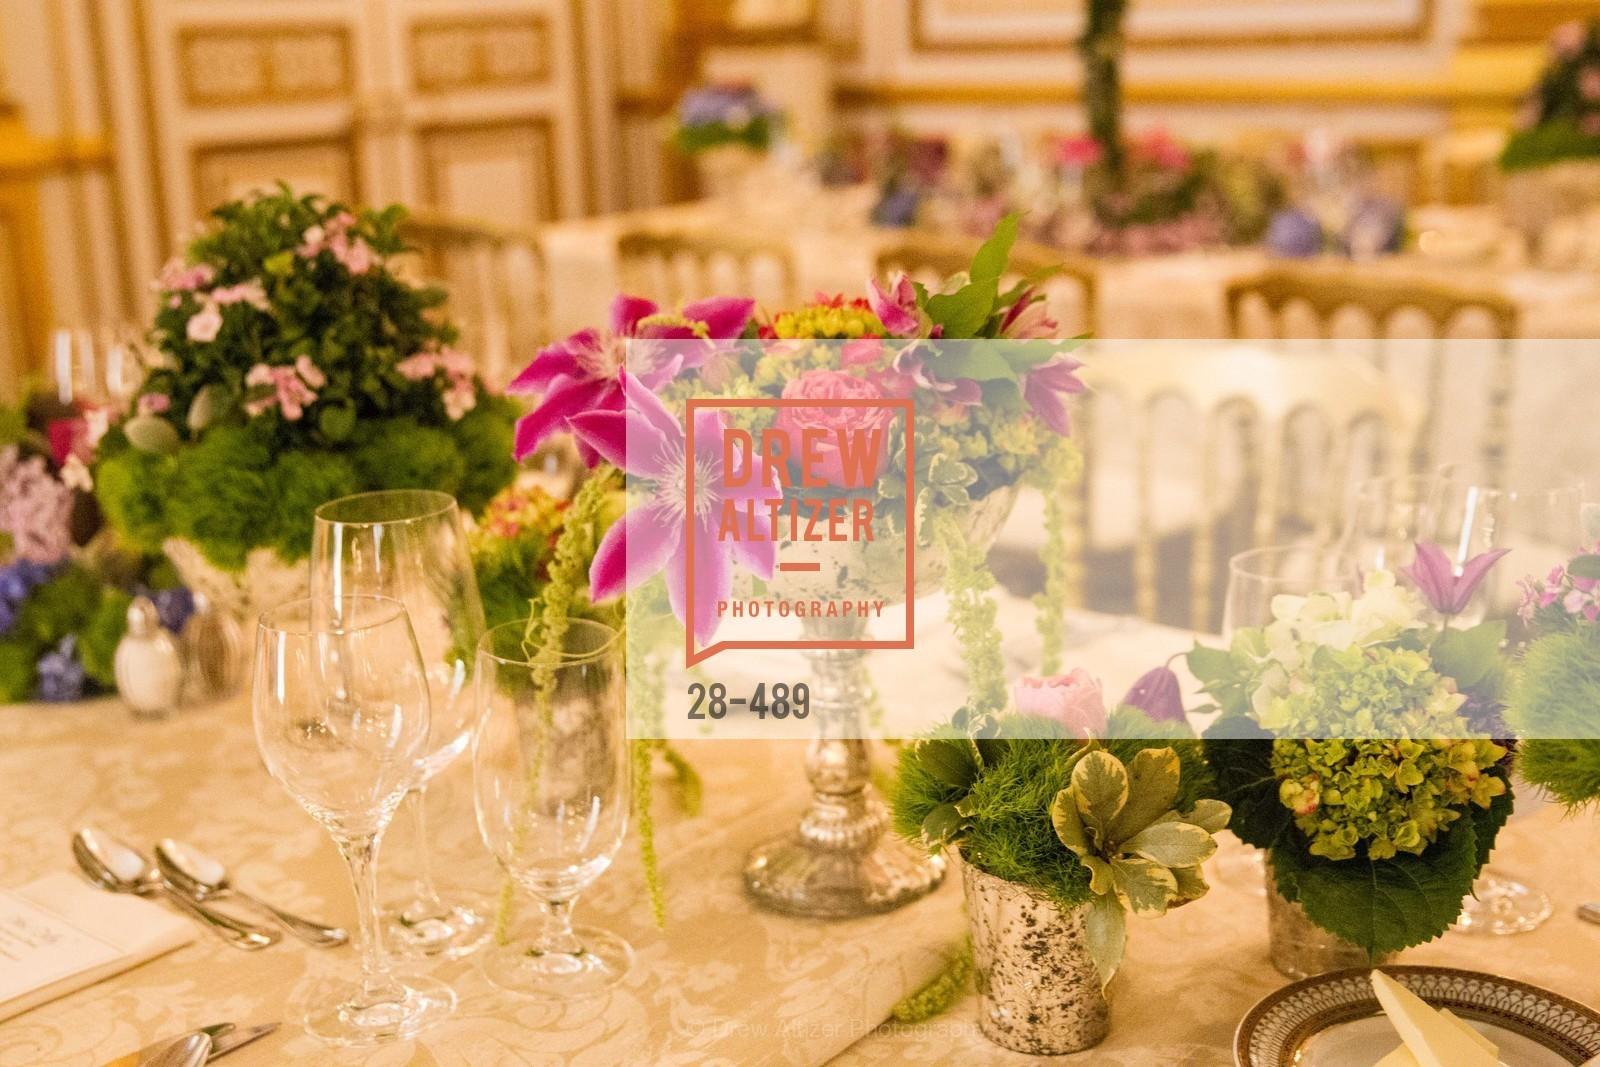 Atmosphere, The Salon Doré from the Hôtel de La Trémoille Private Dinner, US. The Battery, April 1st, 2014,Drew Altizer, Drew Altizer Photography, full-service agency, private events, San Francisco photographer, photographer california